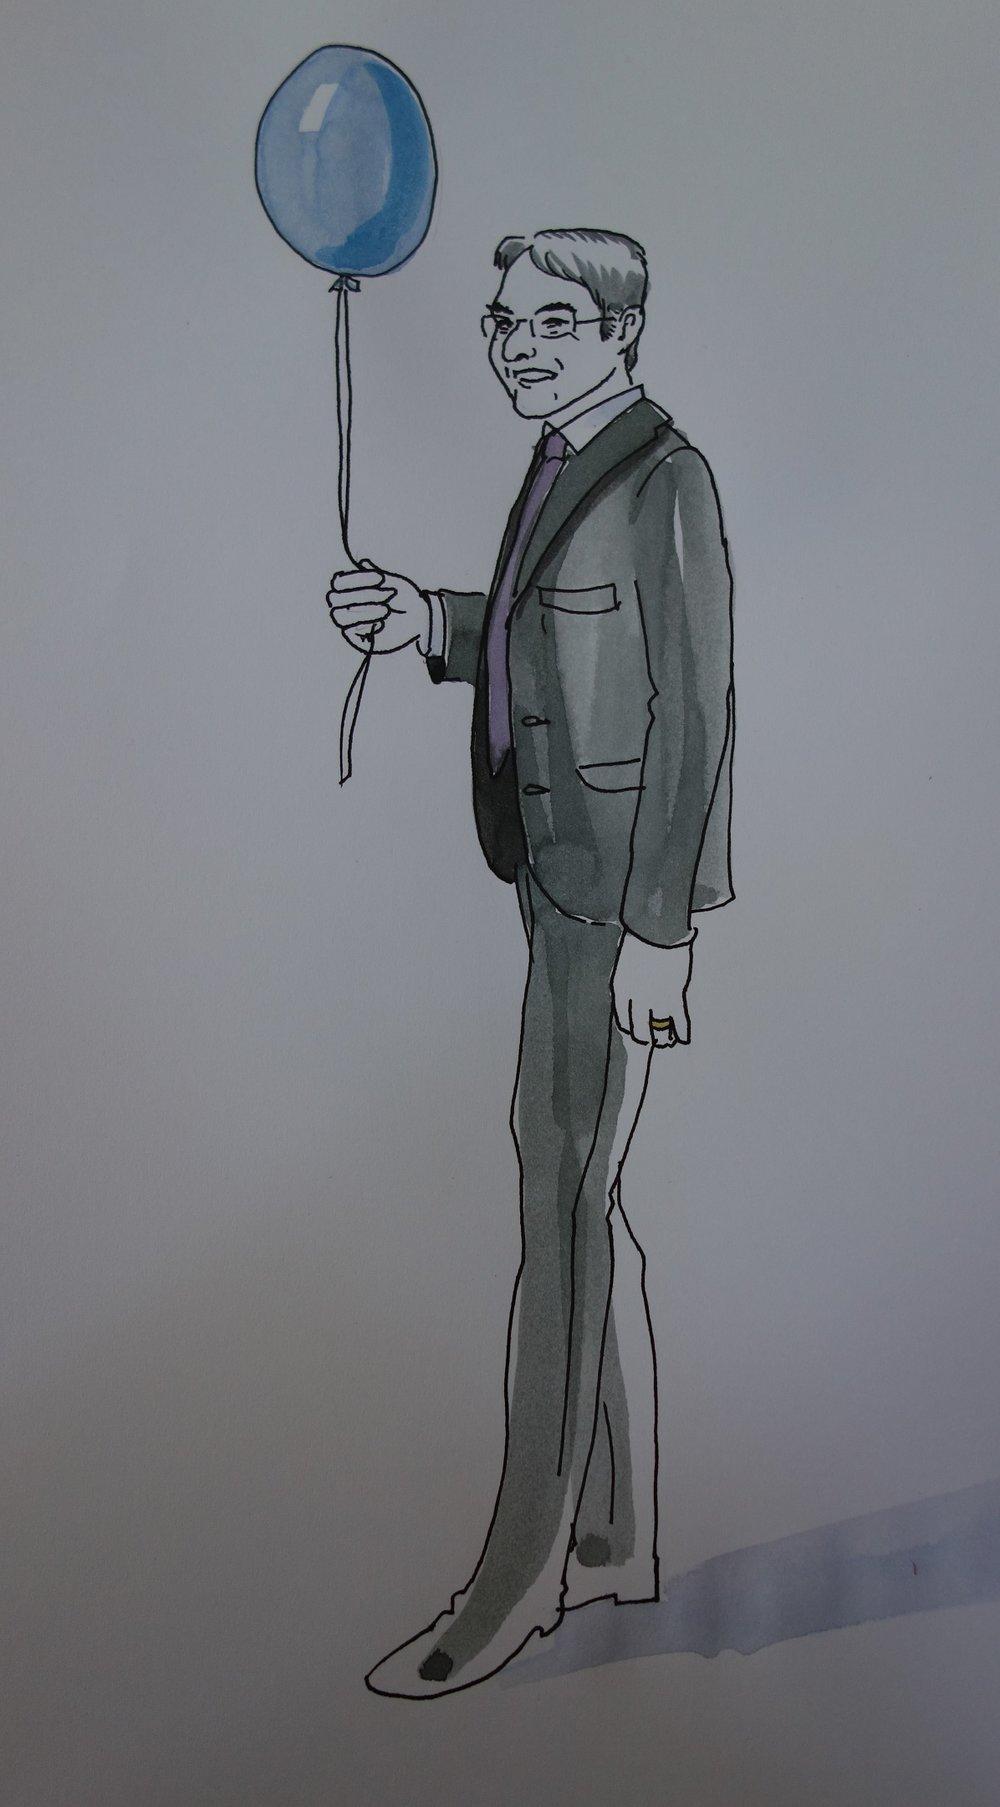 Bürgermeister, Standesamter und Ballonhalter in Personalunion.